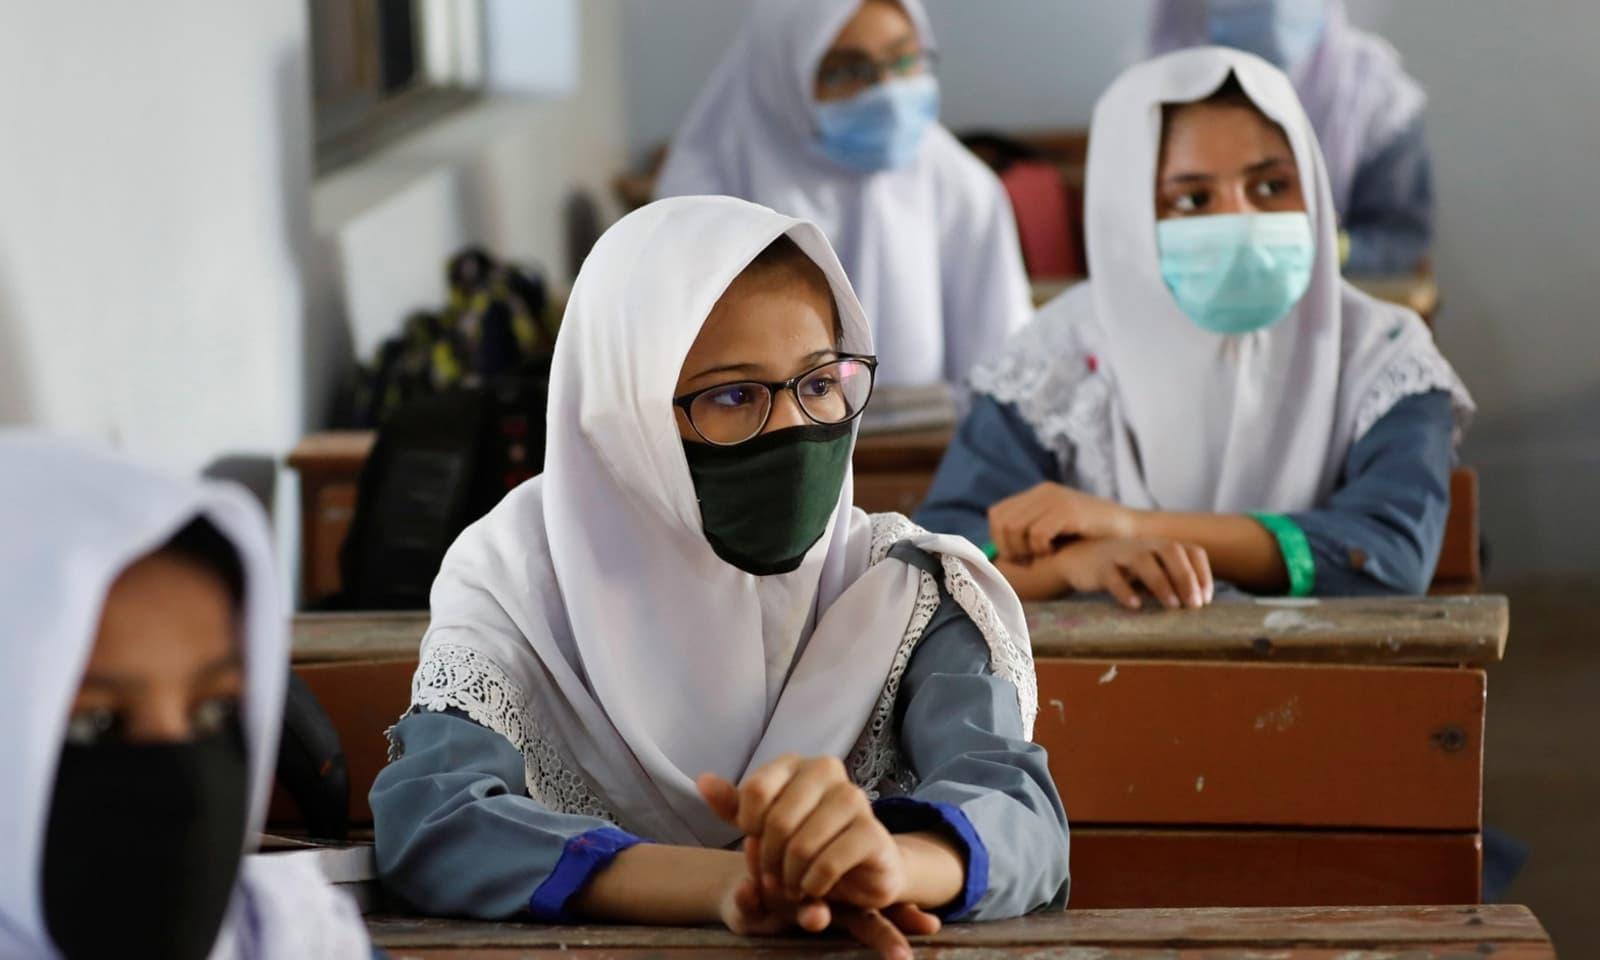 طلبہ اور اسکولز کے عملے کے لیے ماسک پہننا لازمی قرار دیا گیا ہے — فوٹو: رائٹرز